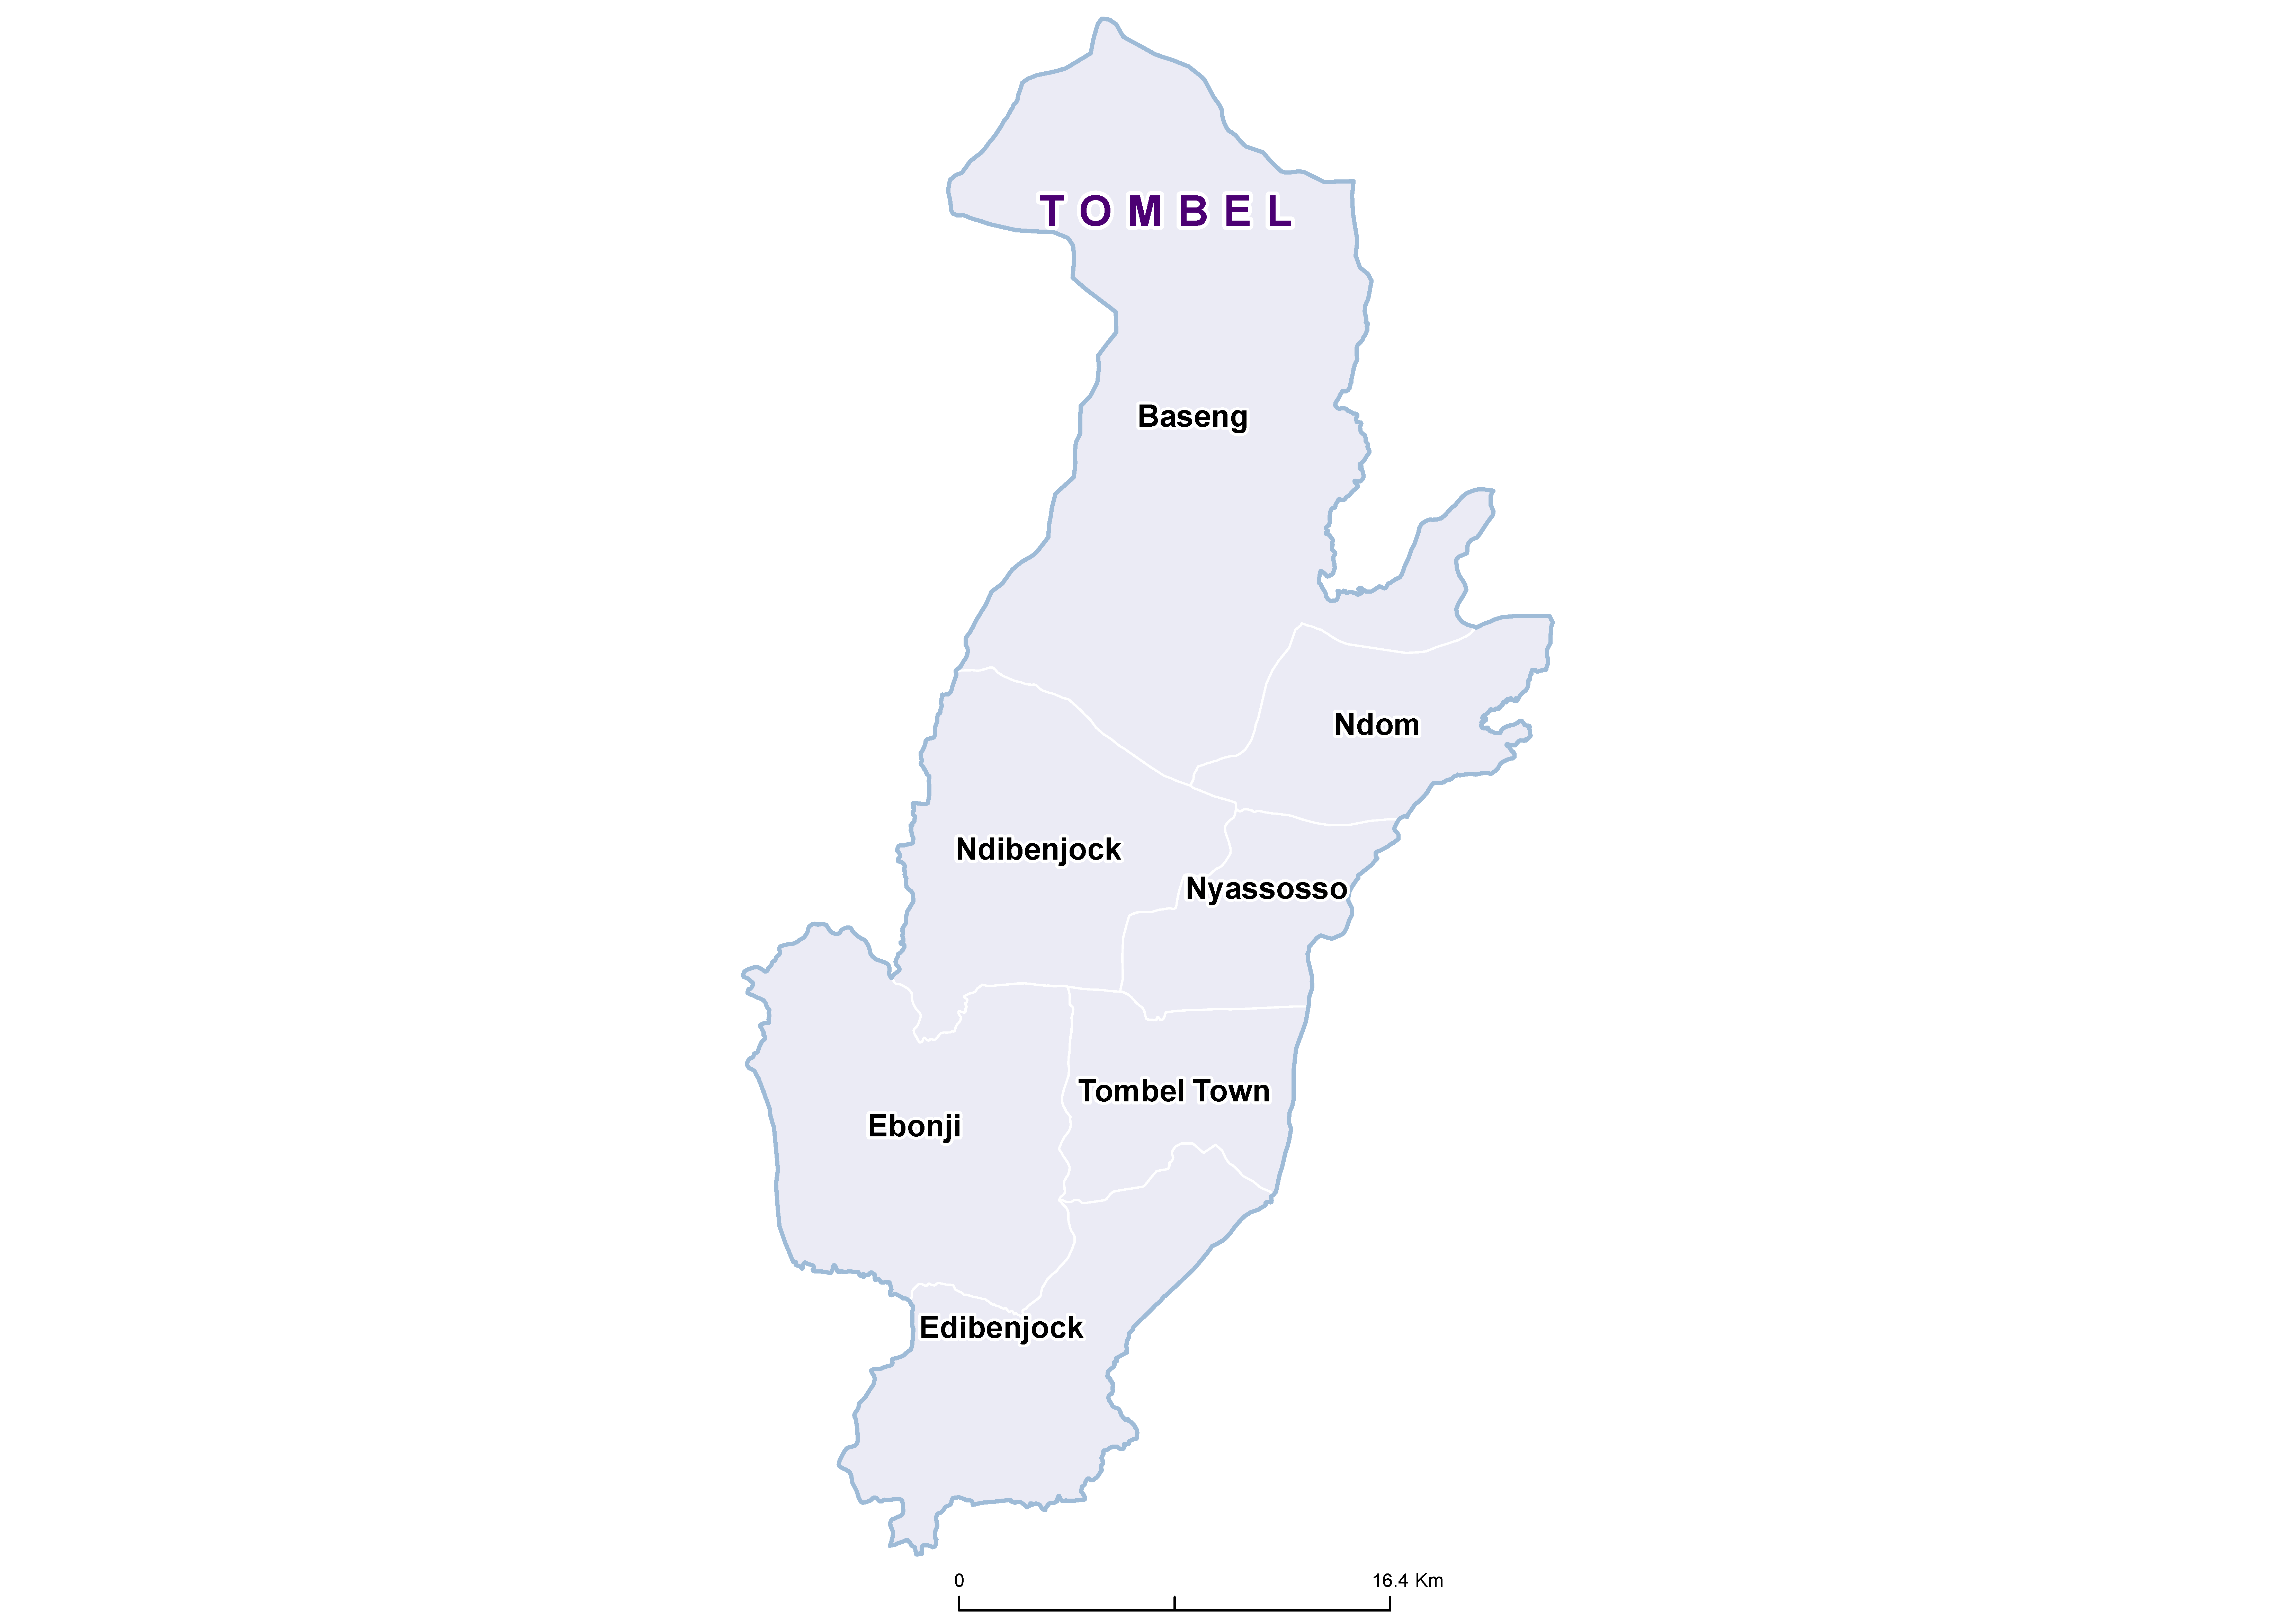 Tombel SCH 19850001